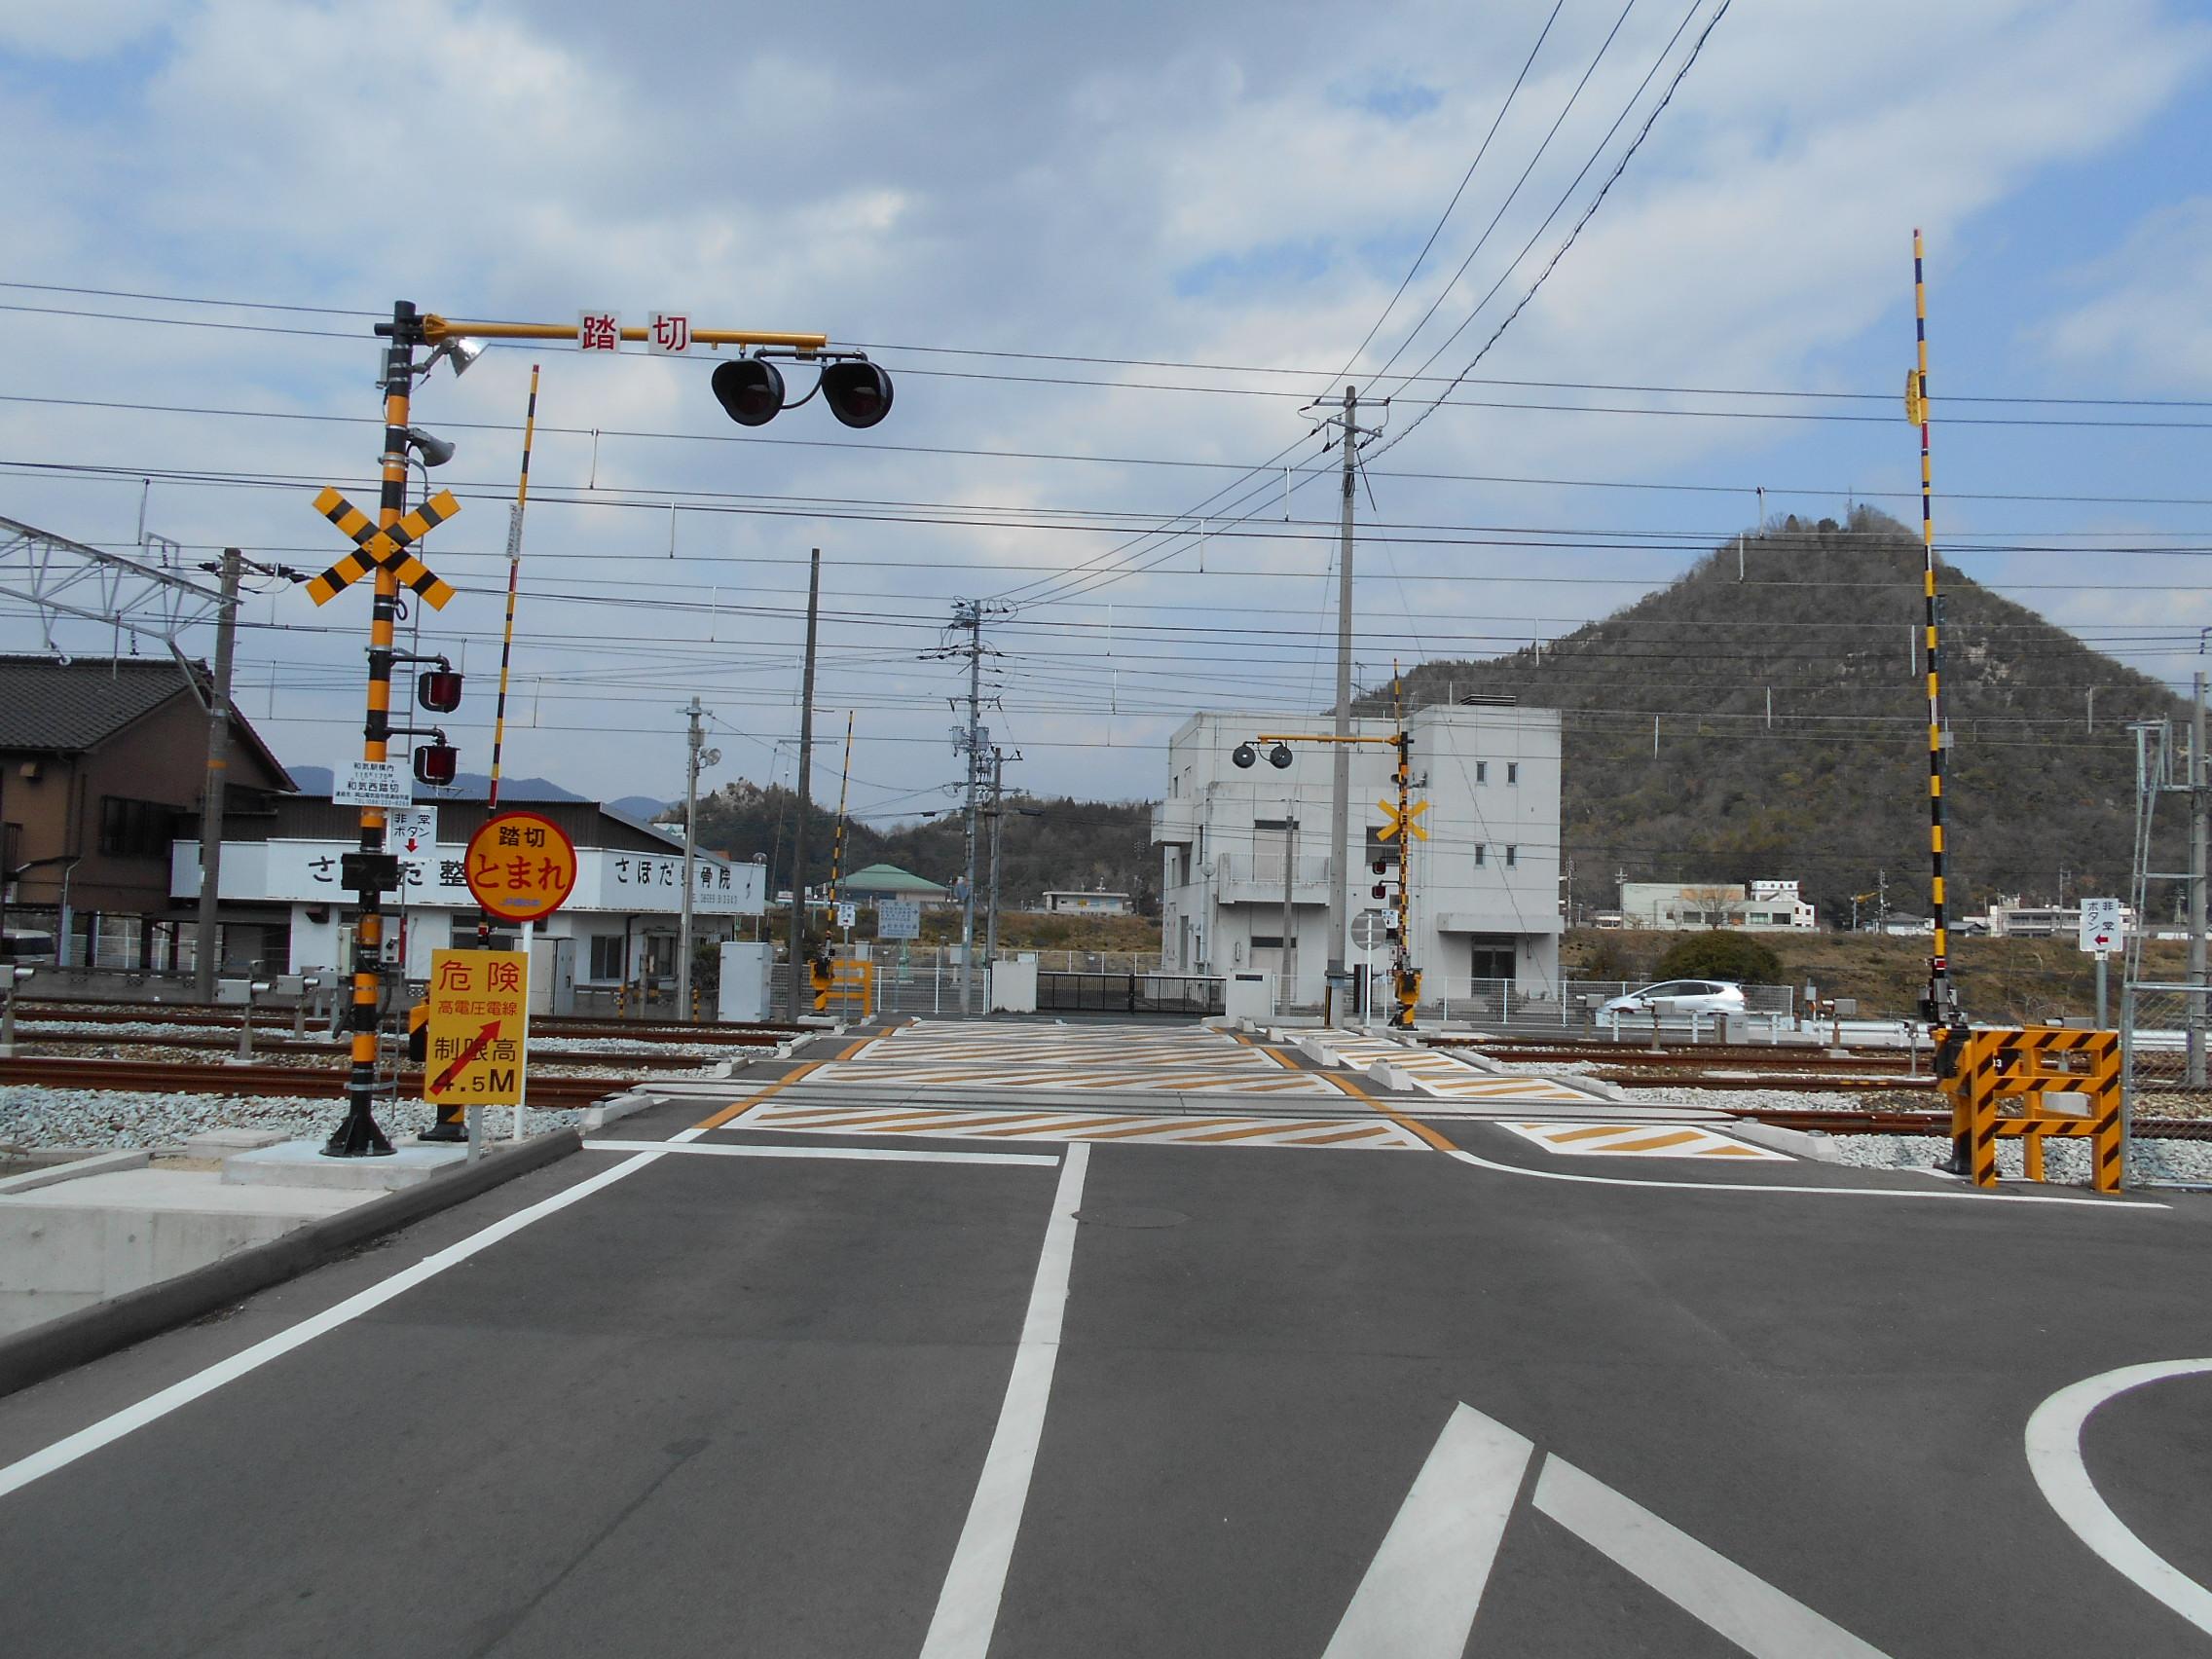 福富中山線(和気西踏切)測量設計業務【岡山支店】